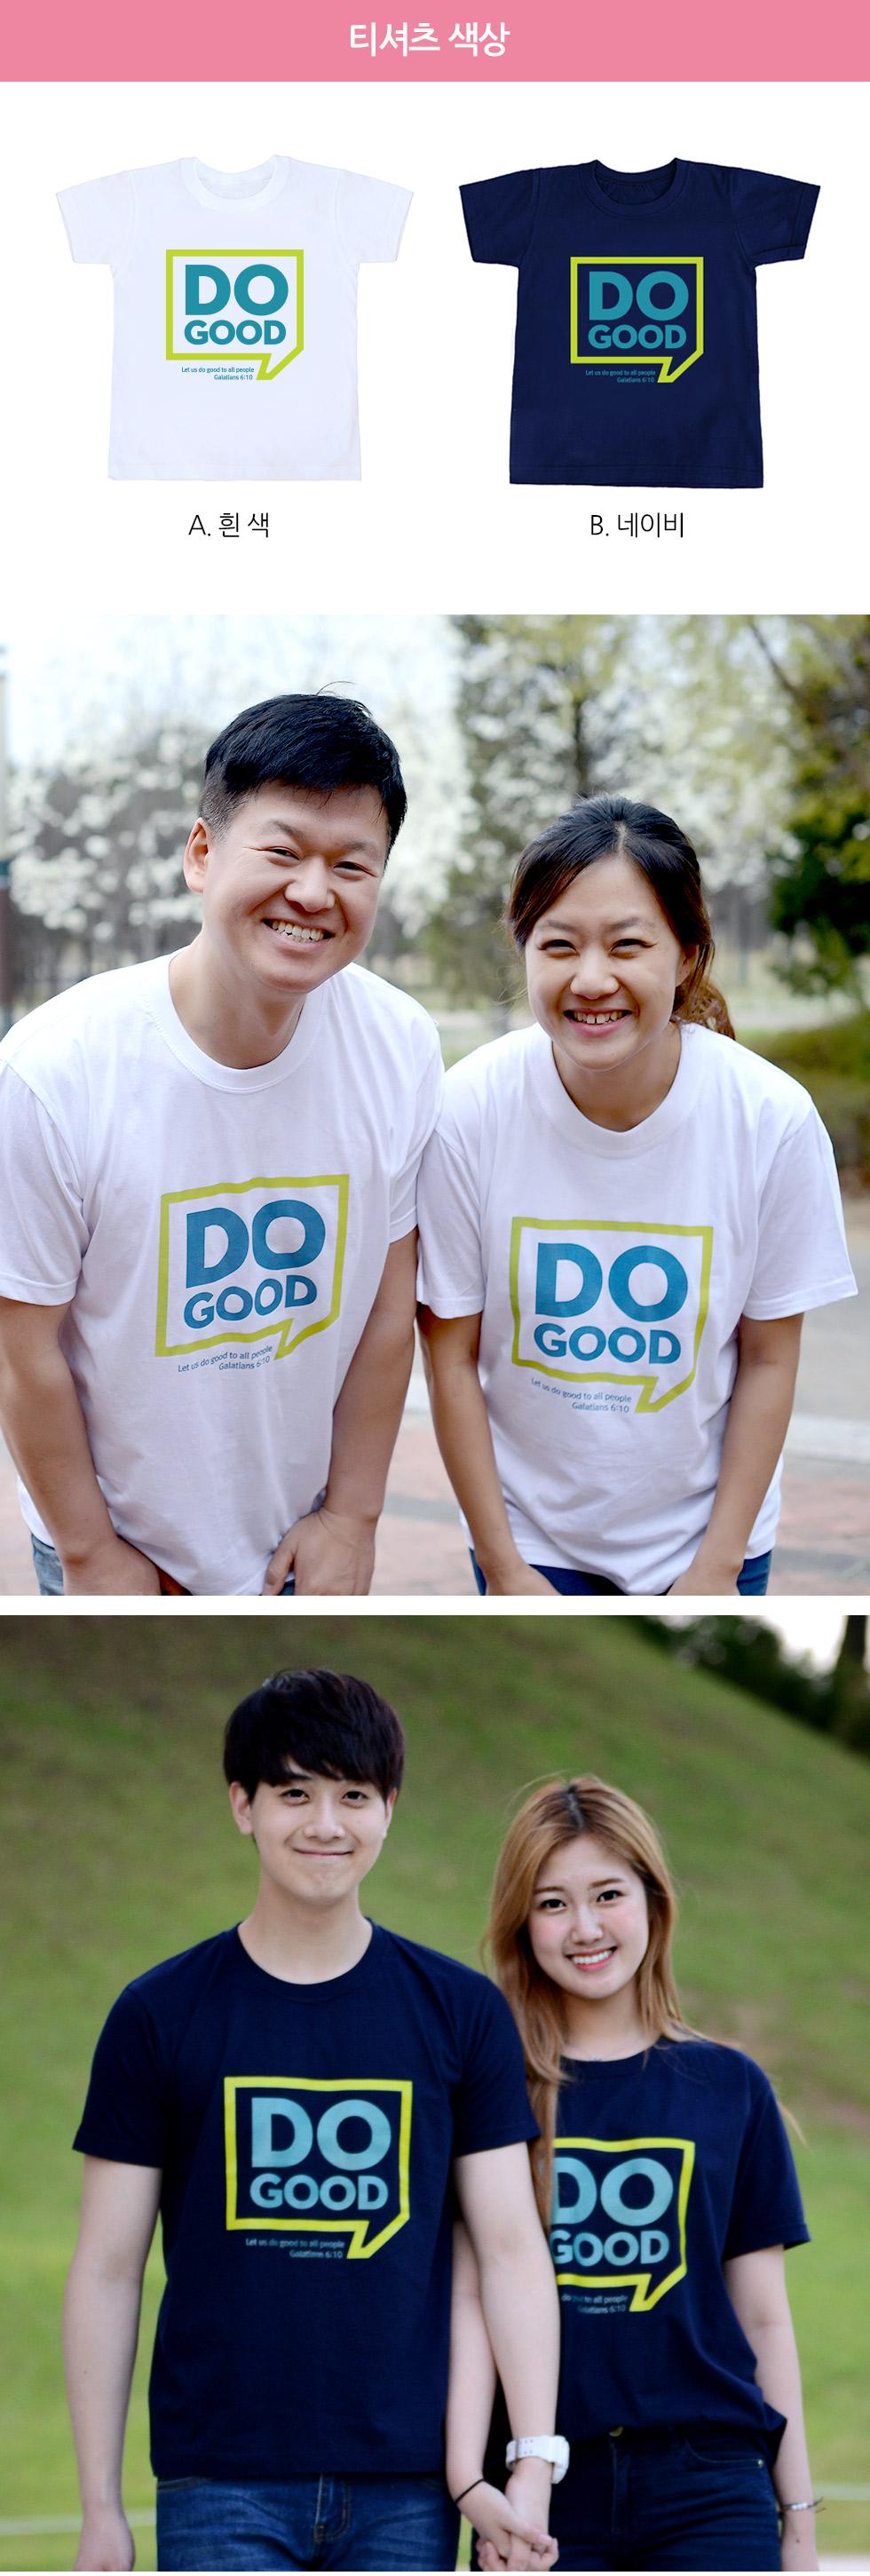 교회단체티 Do good 티셔츠 색상